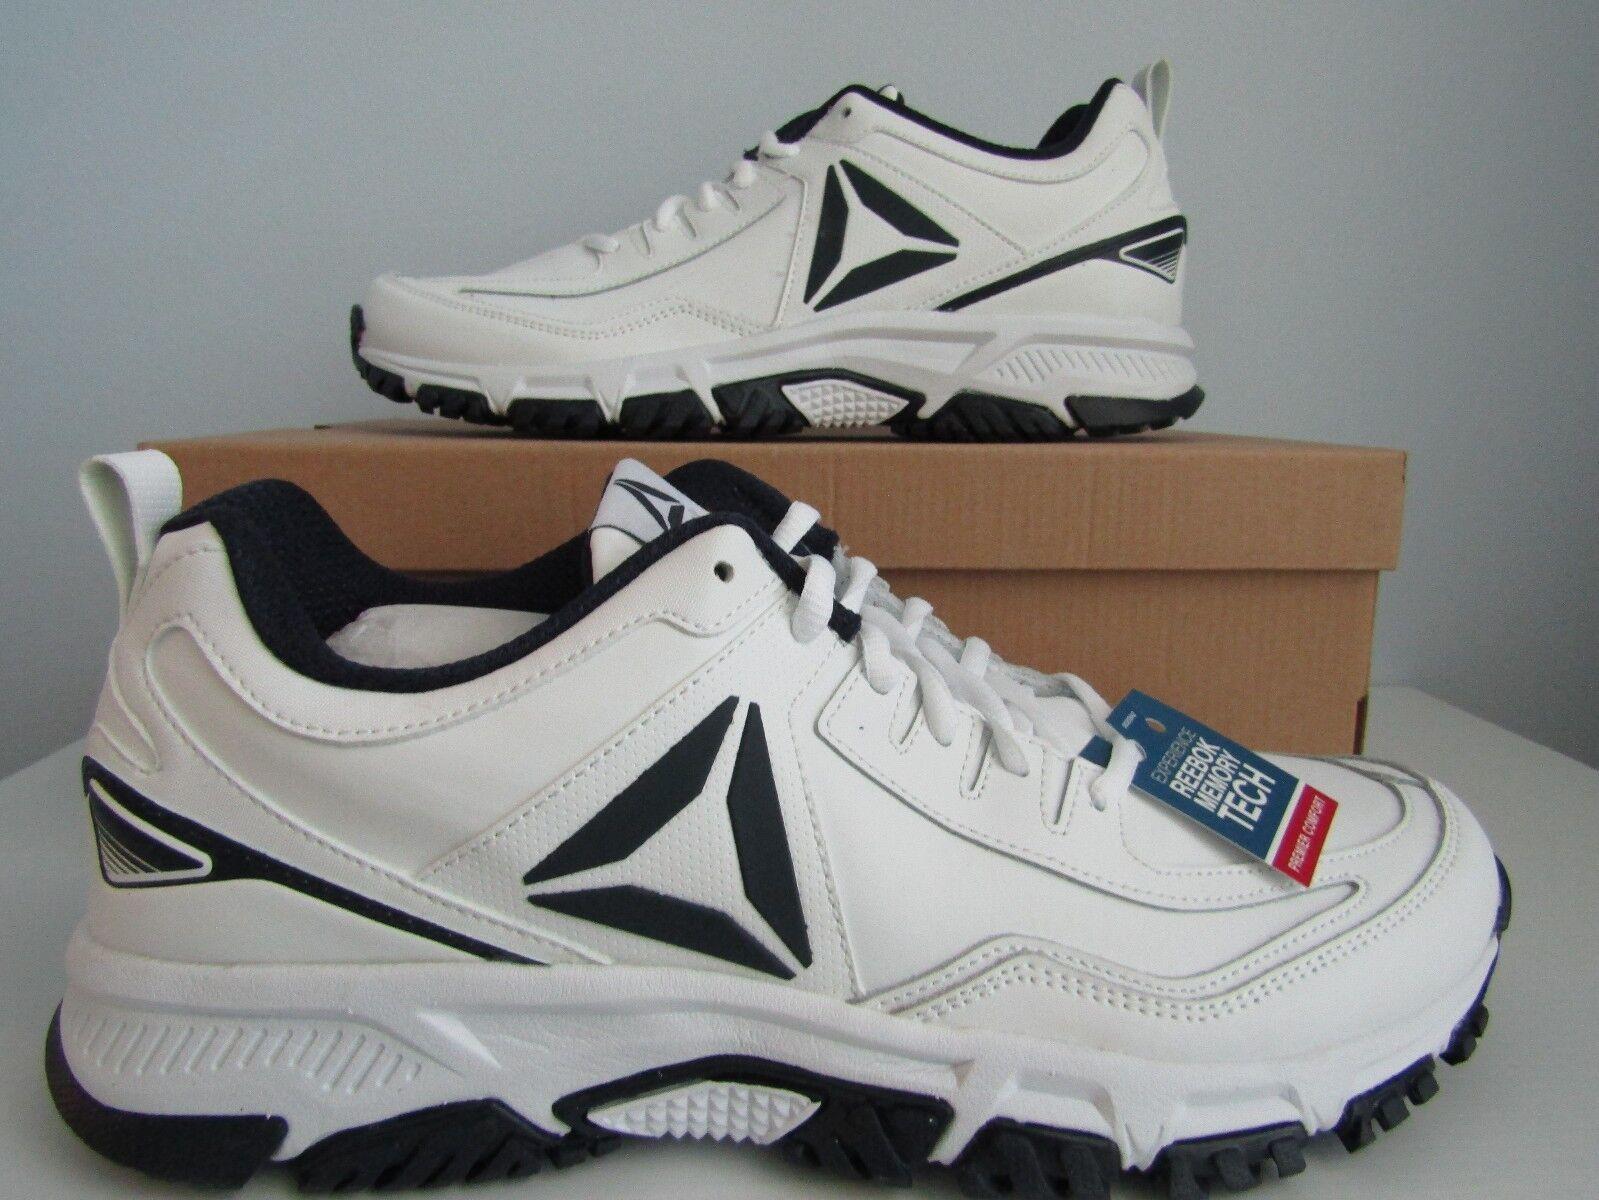 La reebok ridgerider Uomo scarpe bianche pelle nuova dimensione 13 marina marina 13 ff2c97